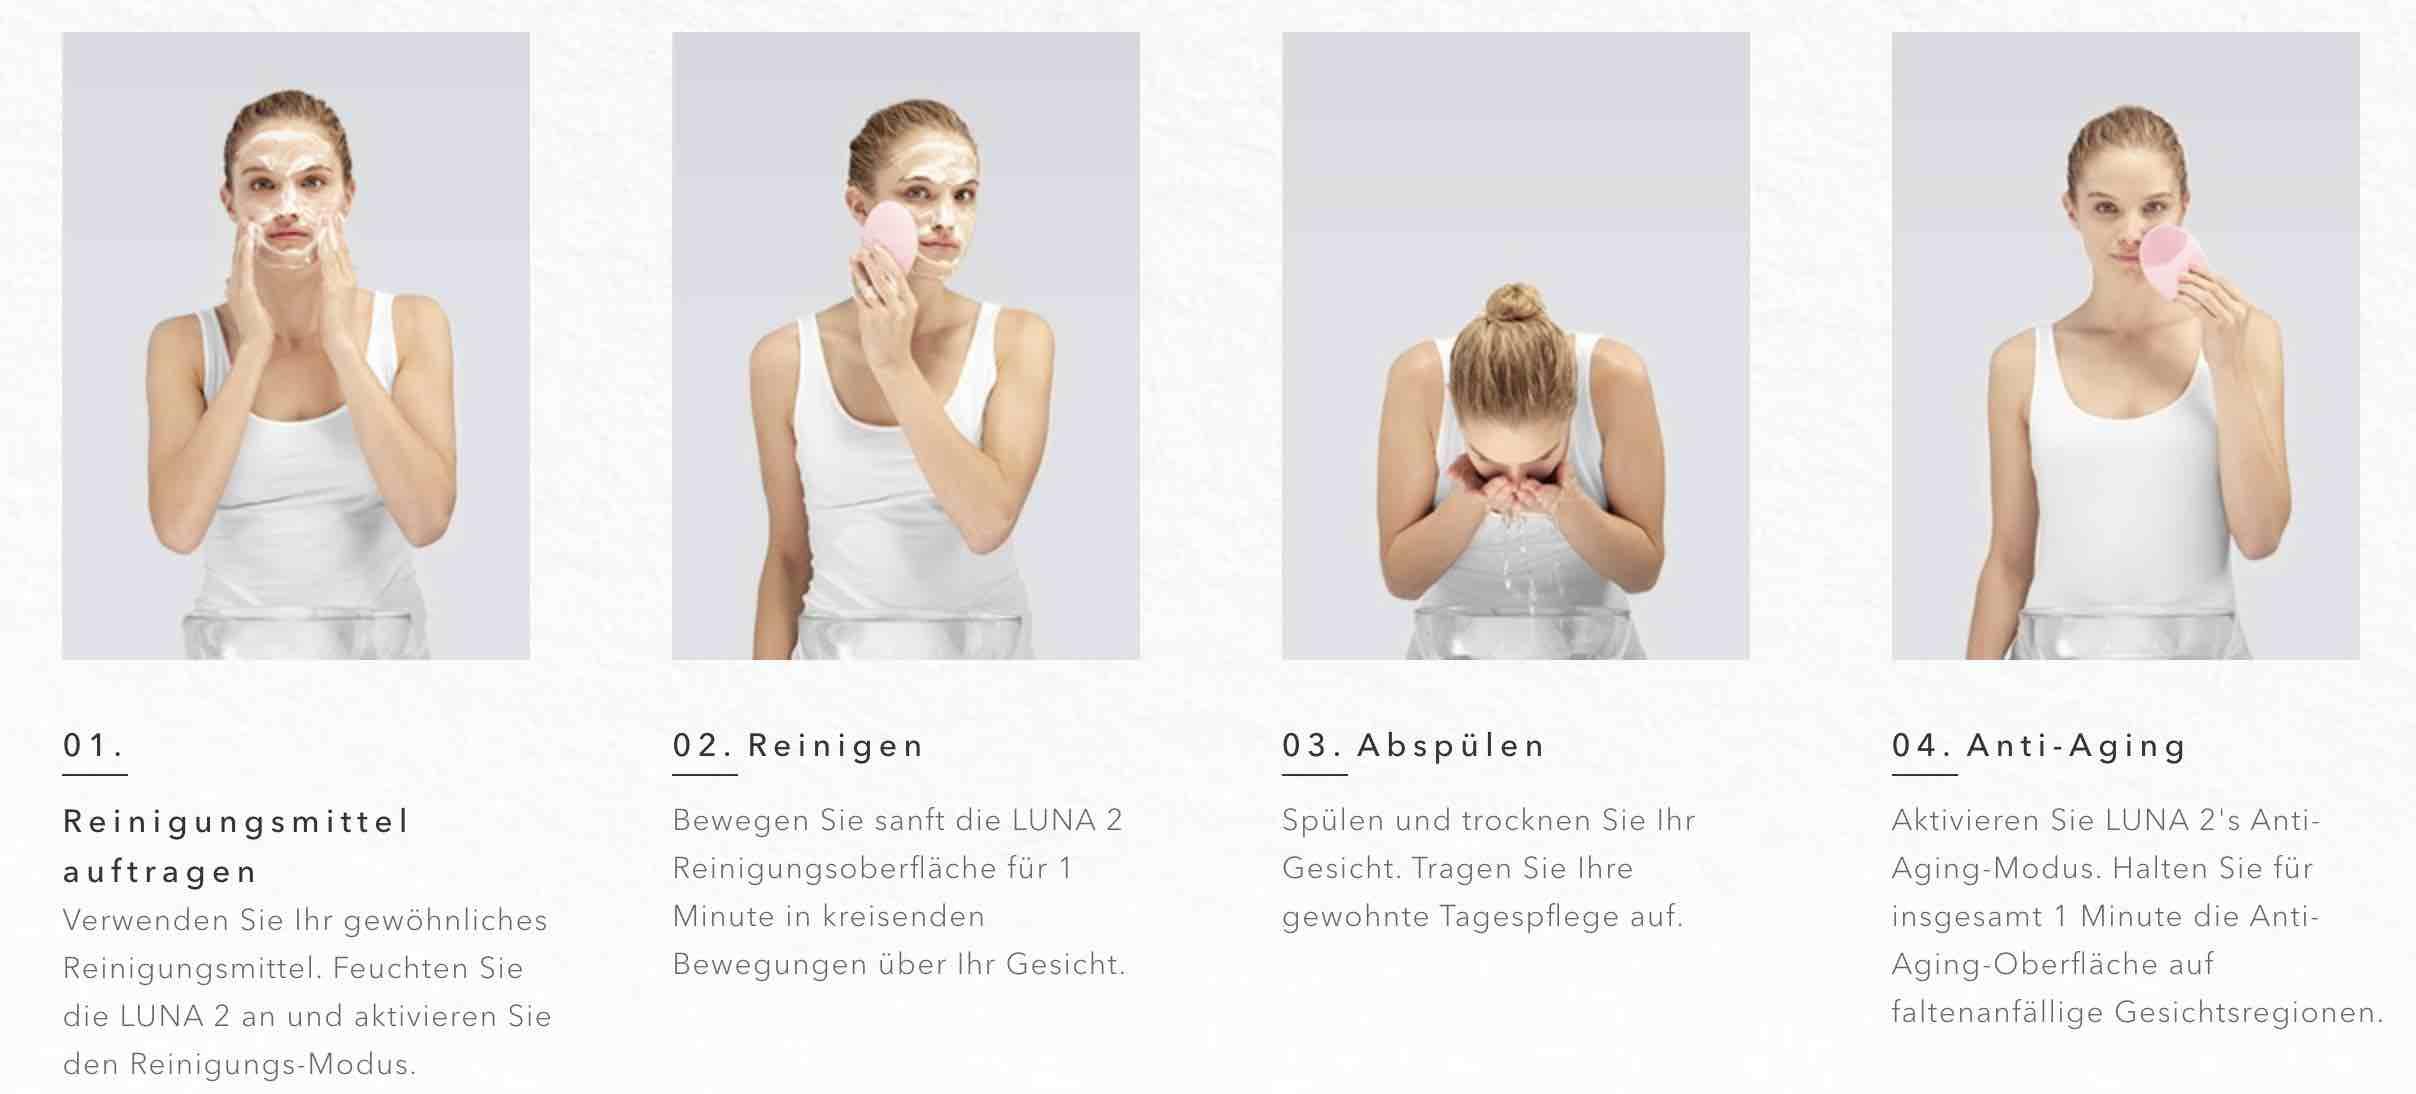 Gesichtsreinigungsbürsten: Was sind die Vor - und Nachteile? 2